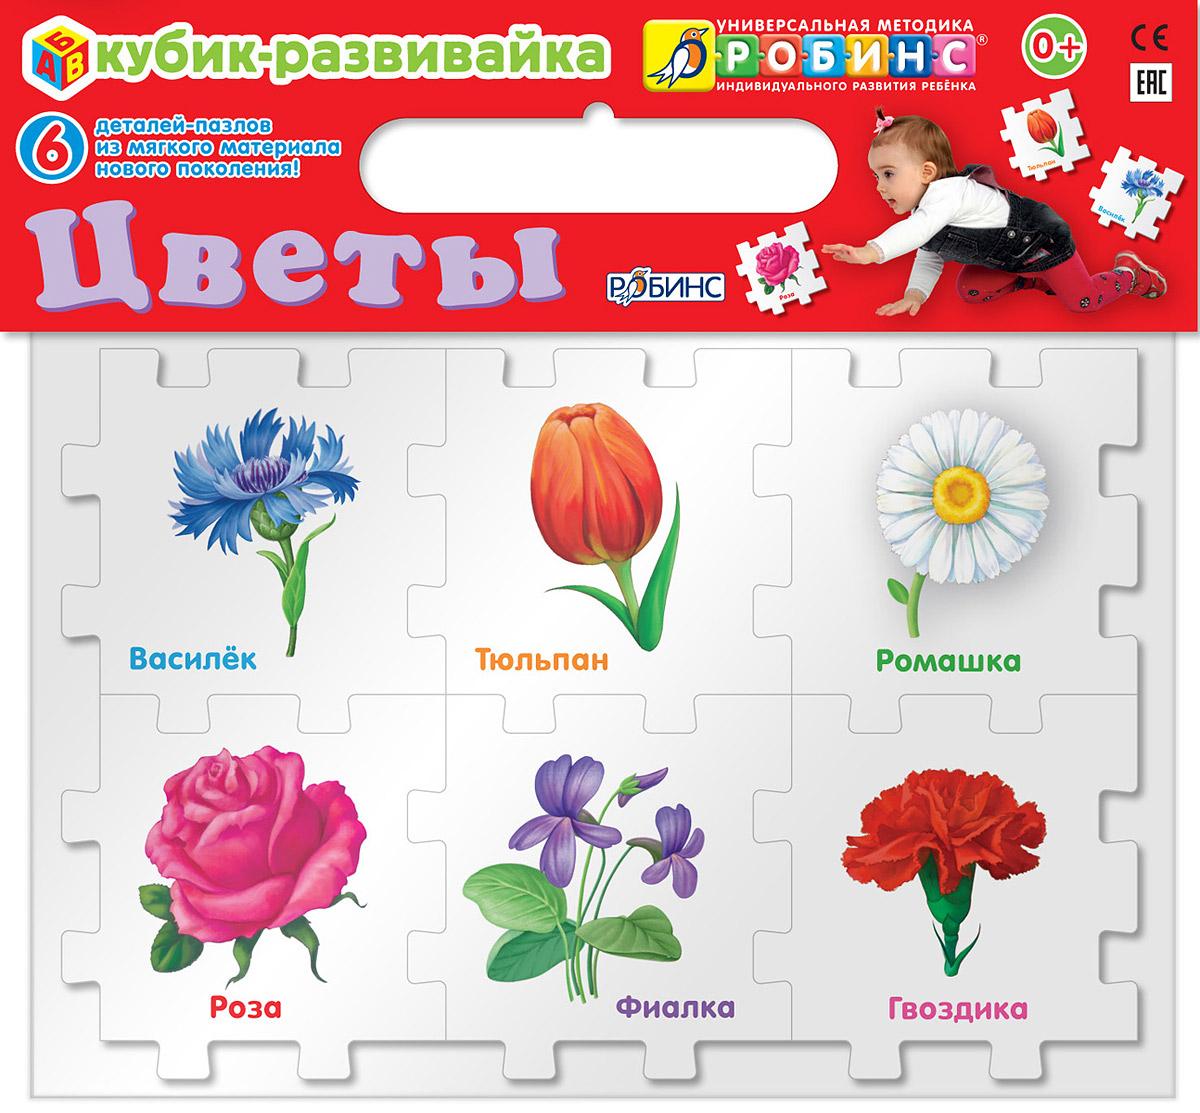 Цветы. Кубик-развивайка